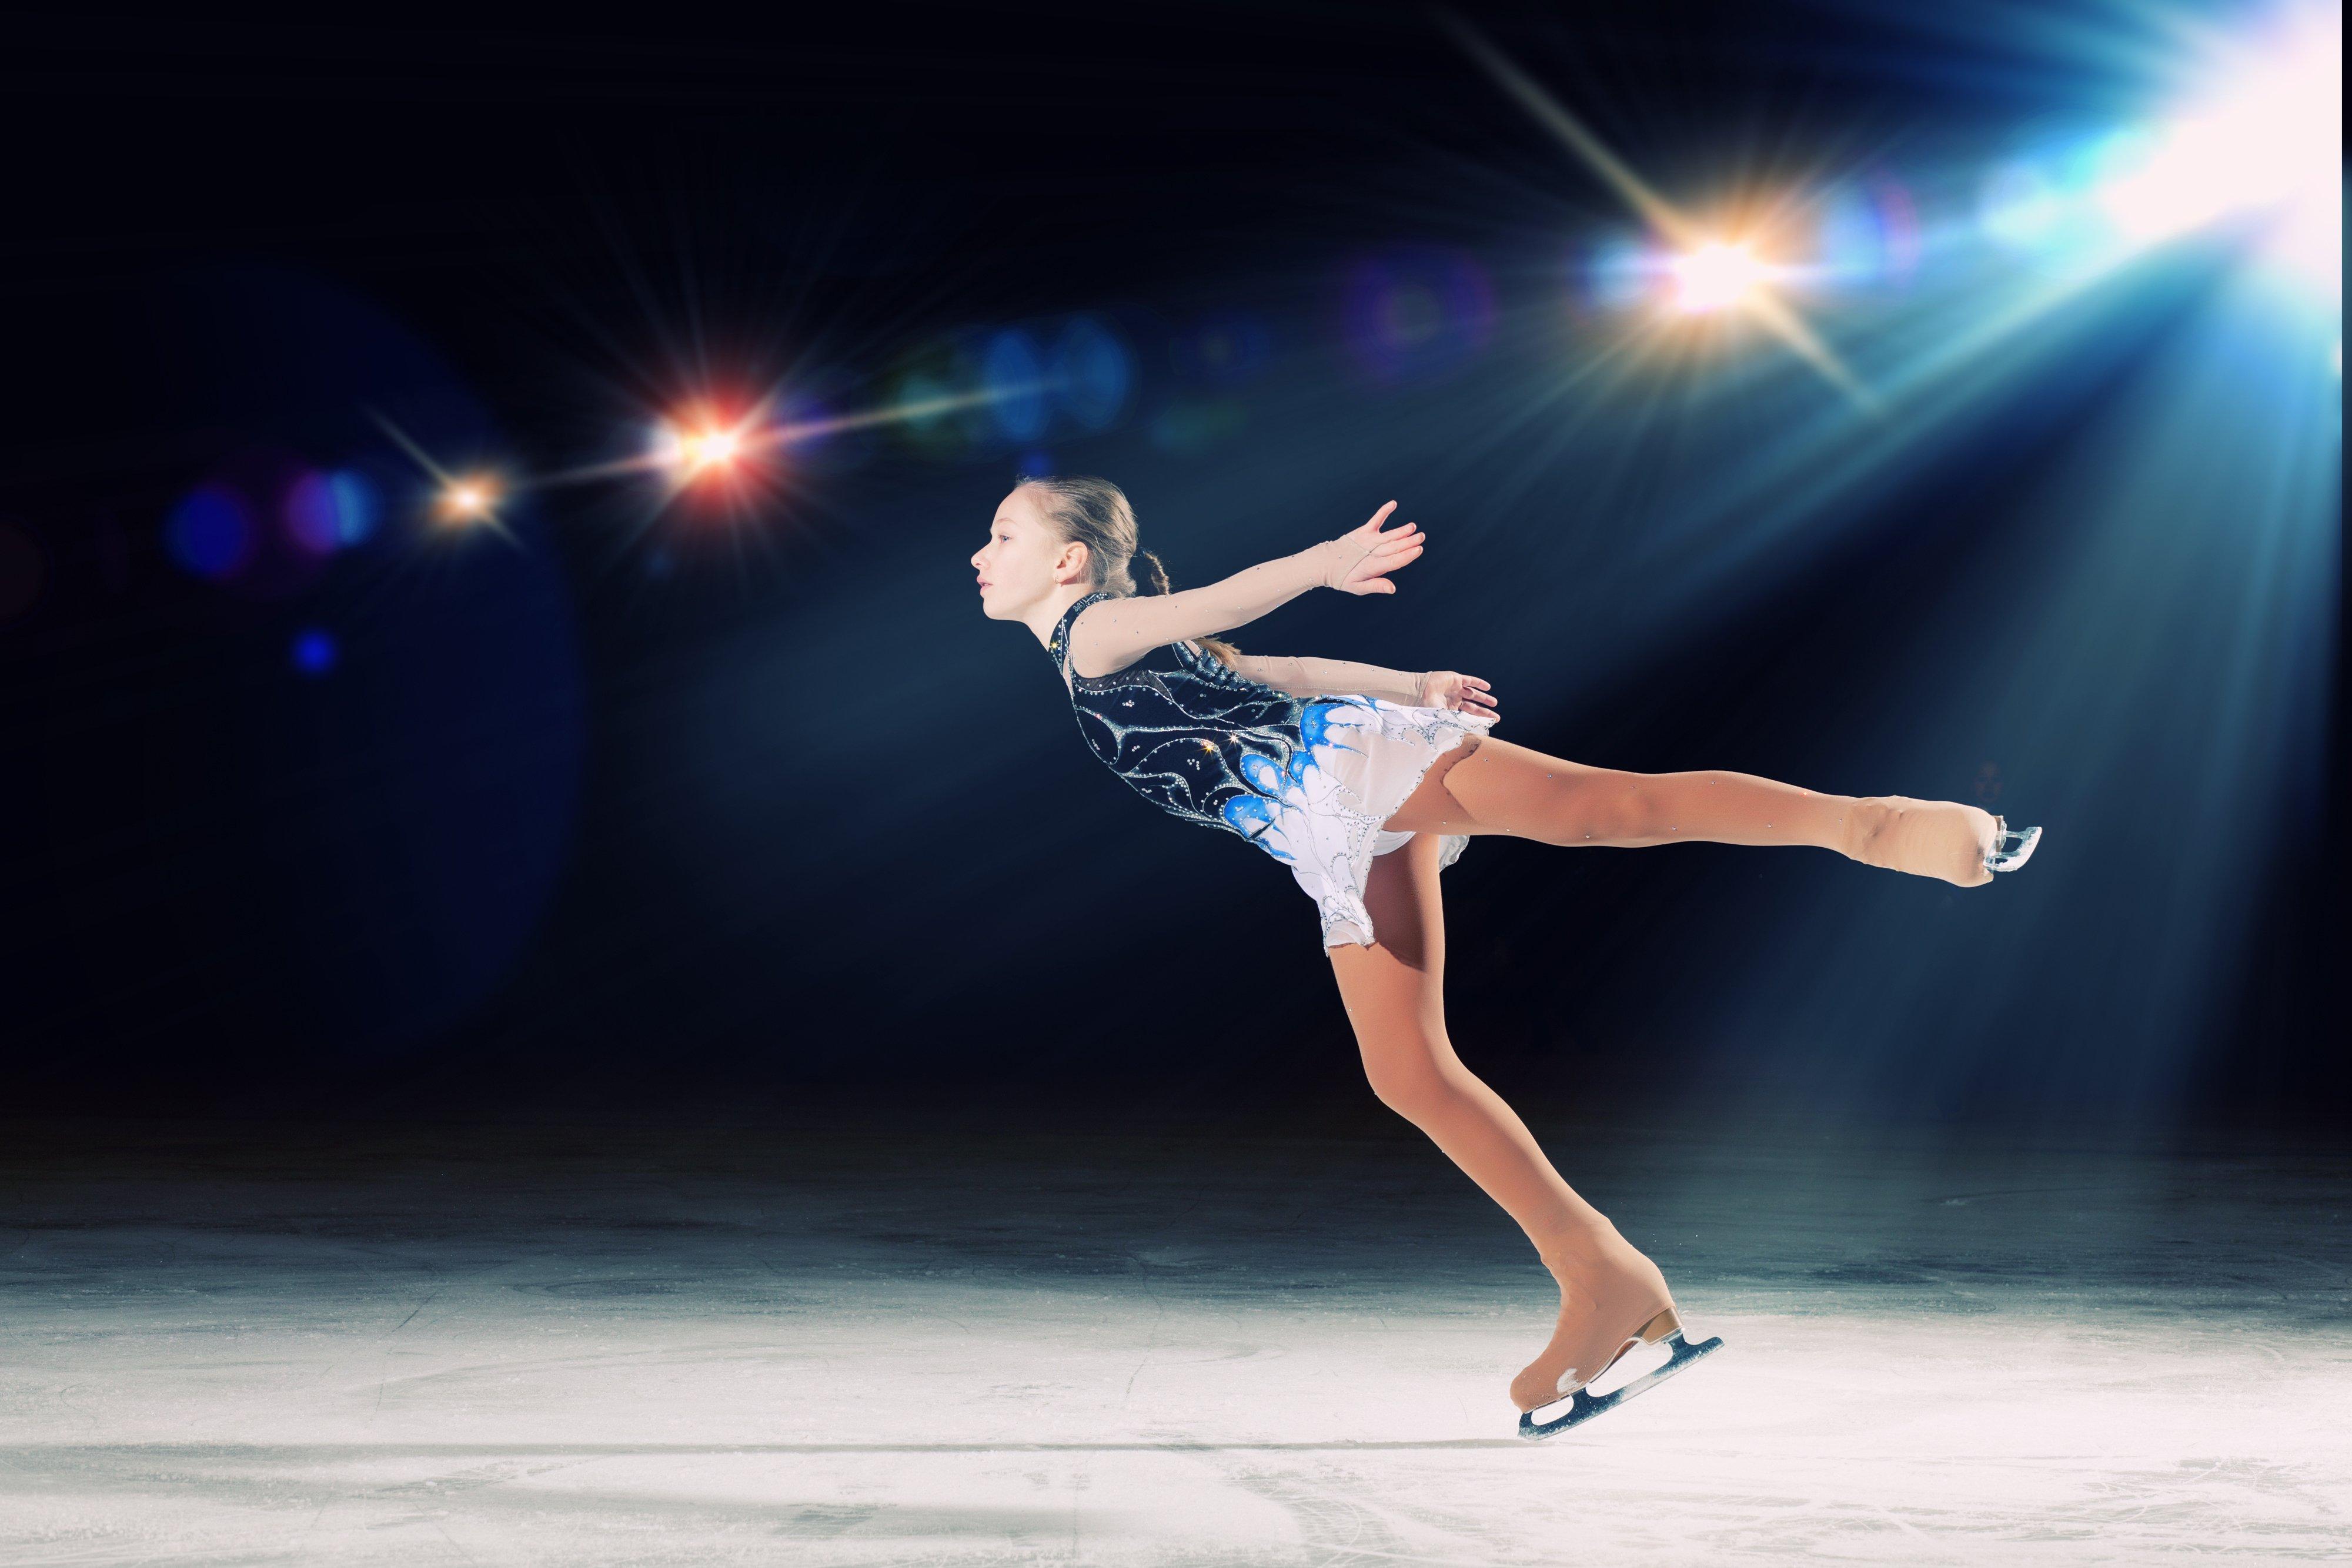 una bambina che pattina sul ghiaccio